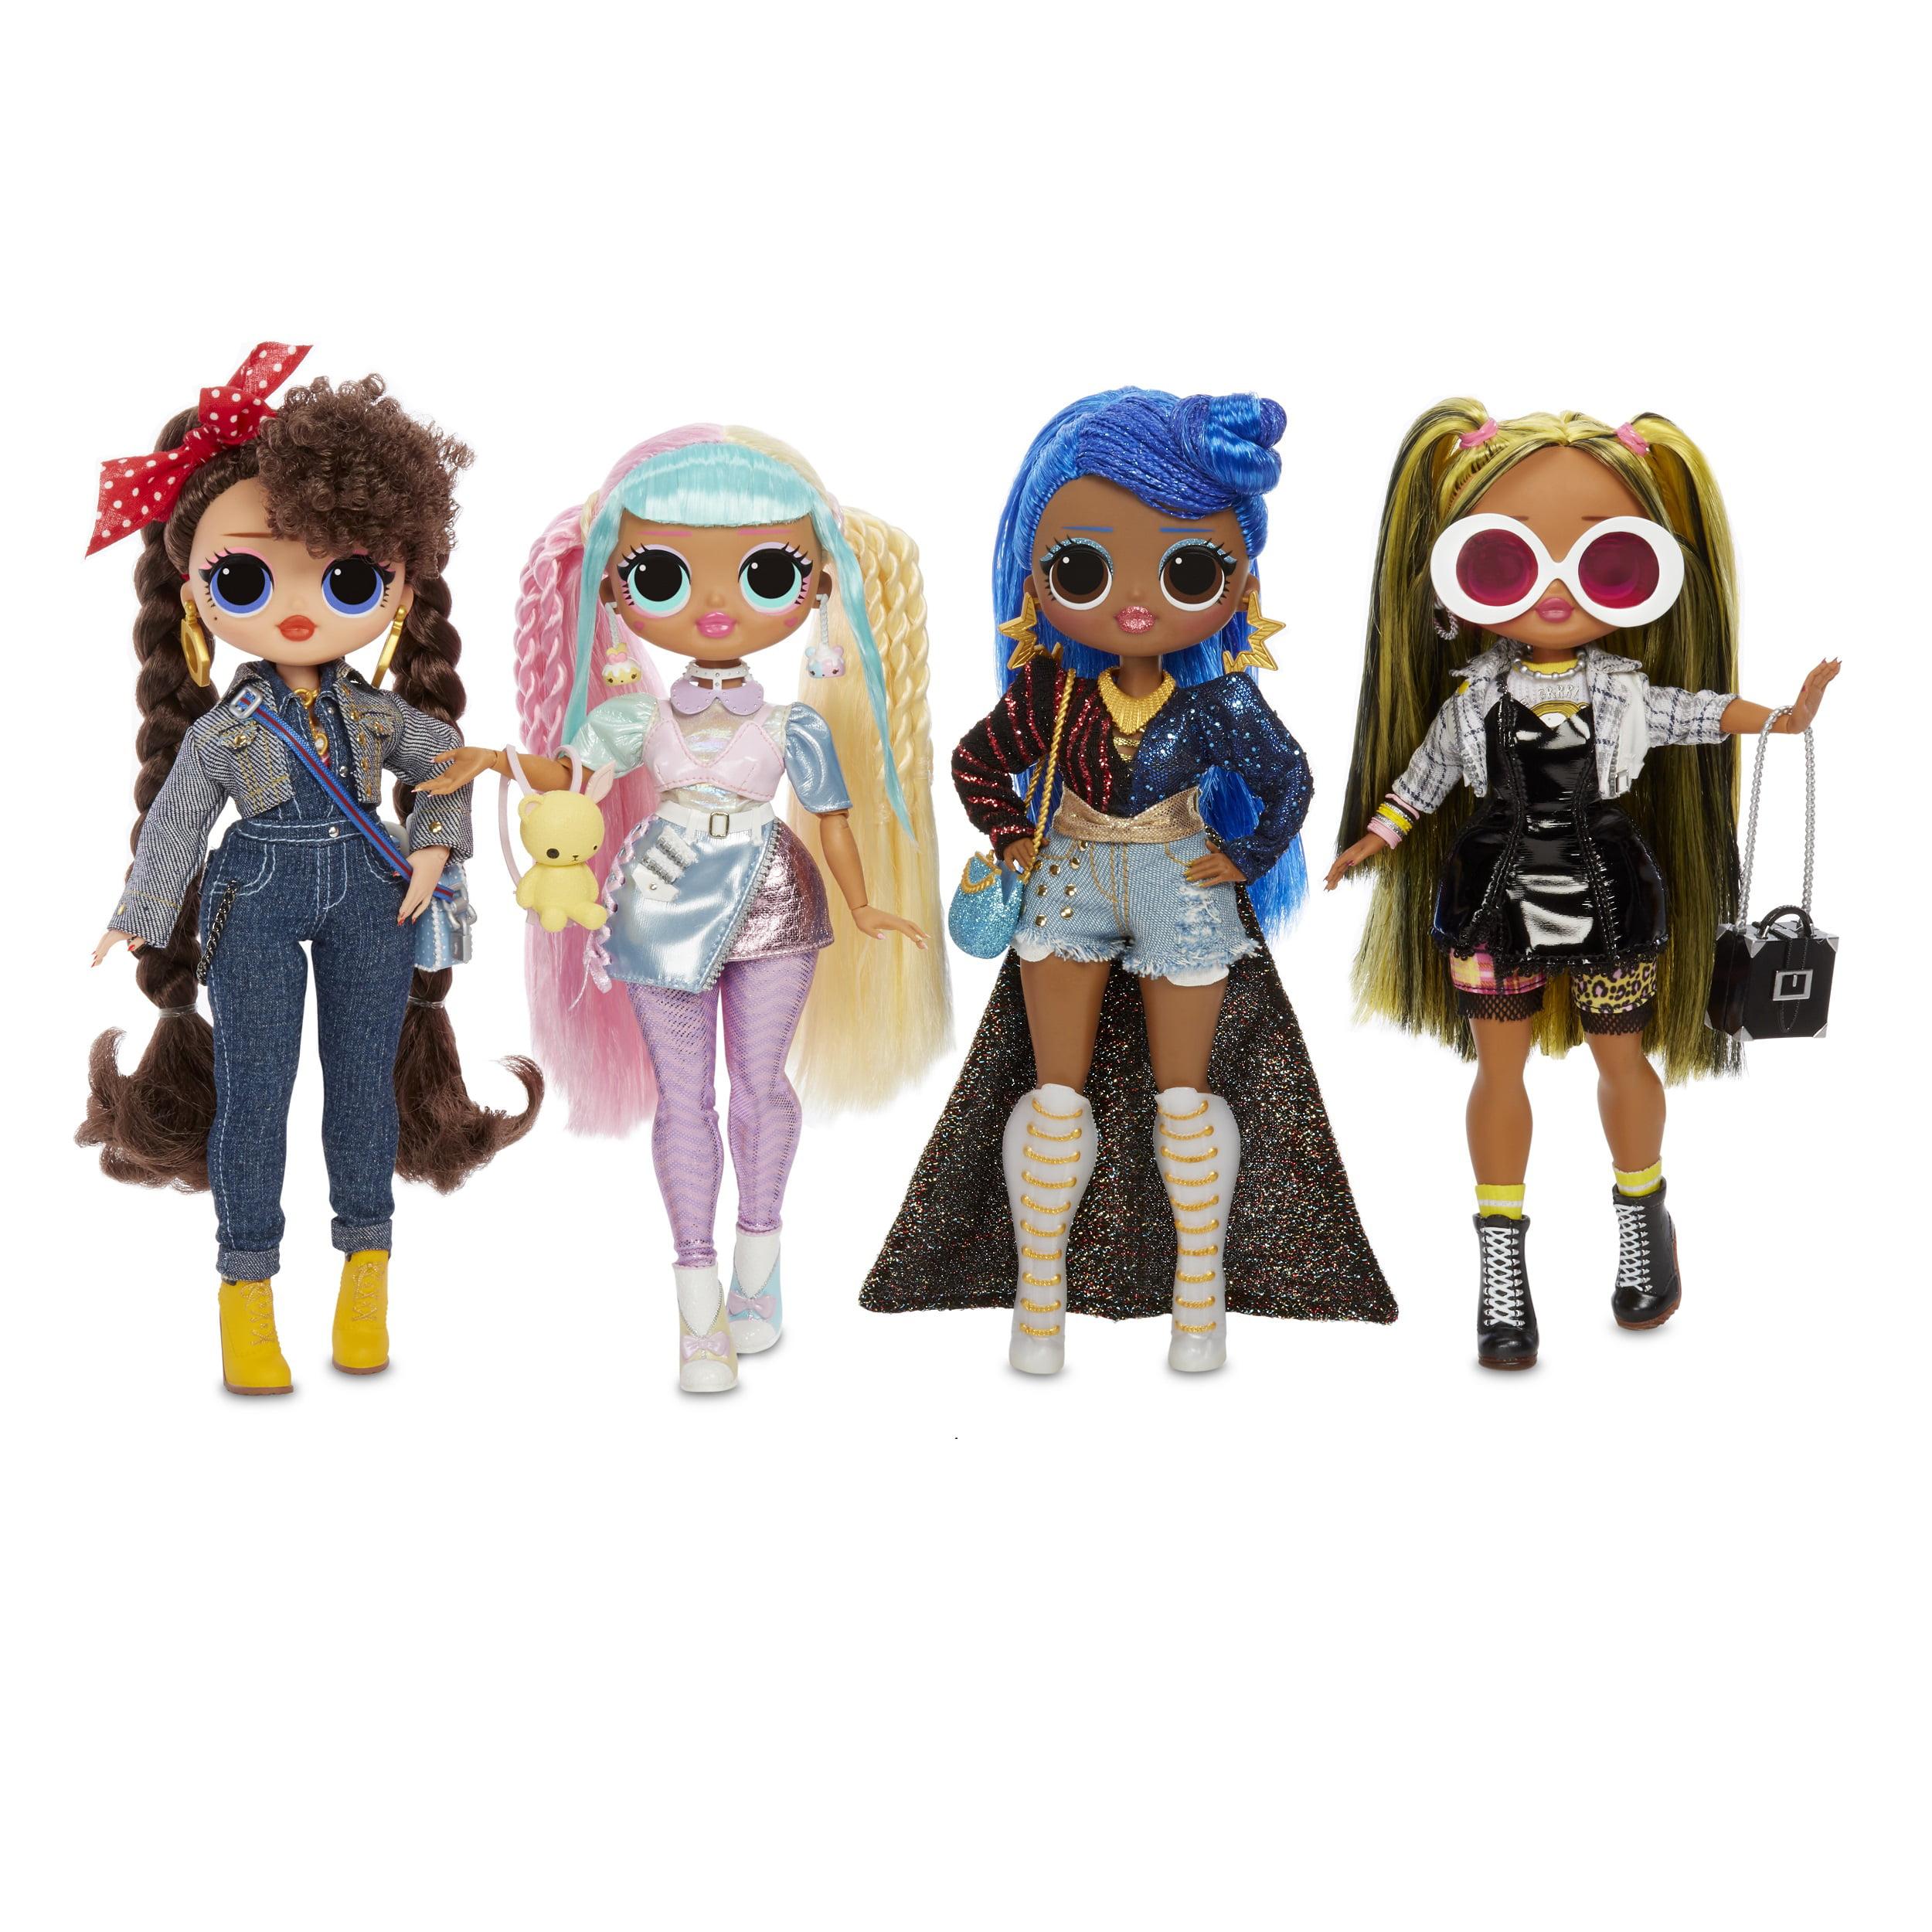 L O L Surprise O M G Miss Independent Fashion Doll Walmart Com Walmart Com